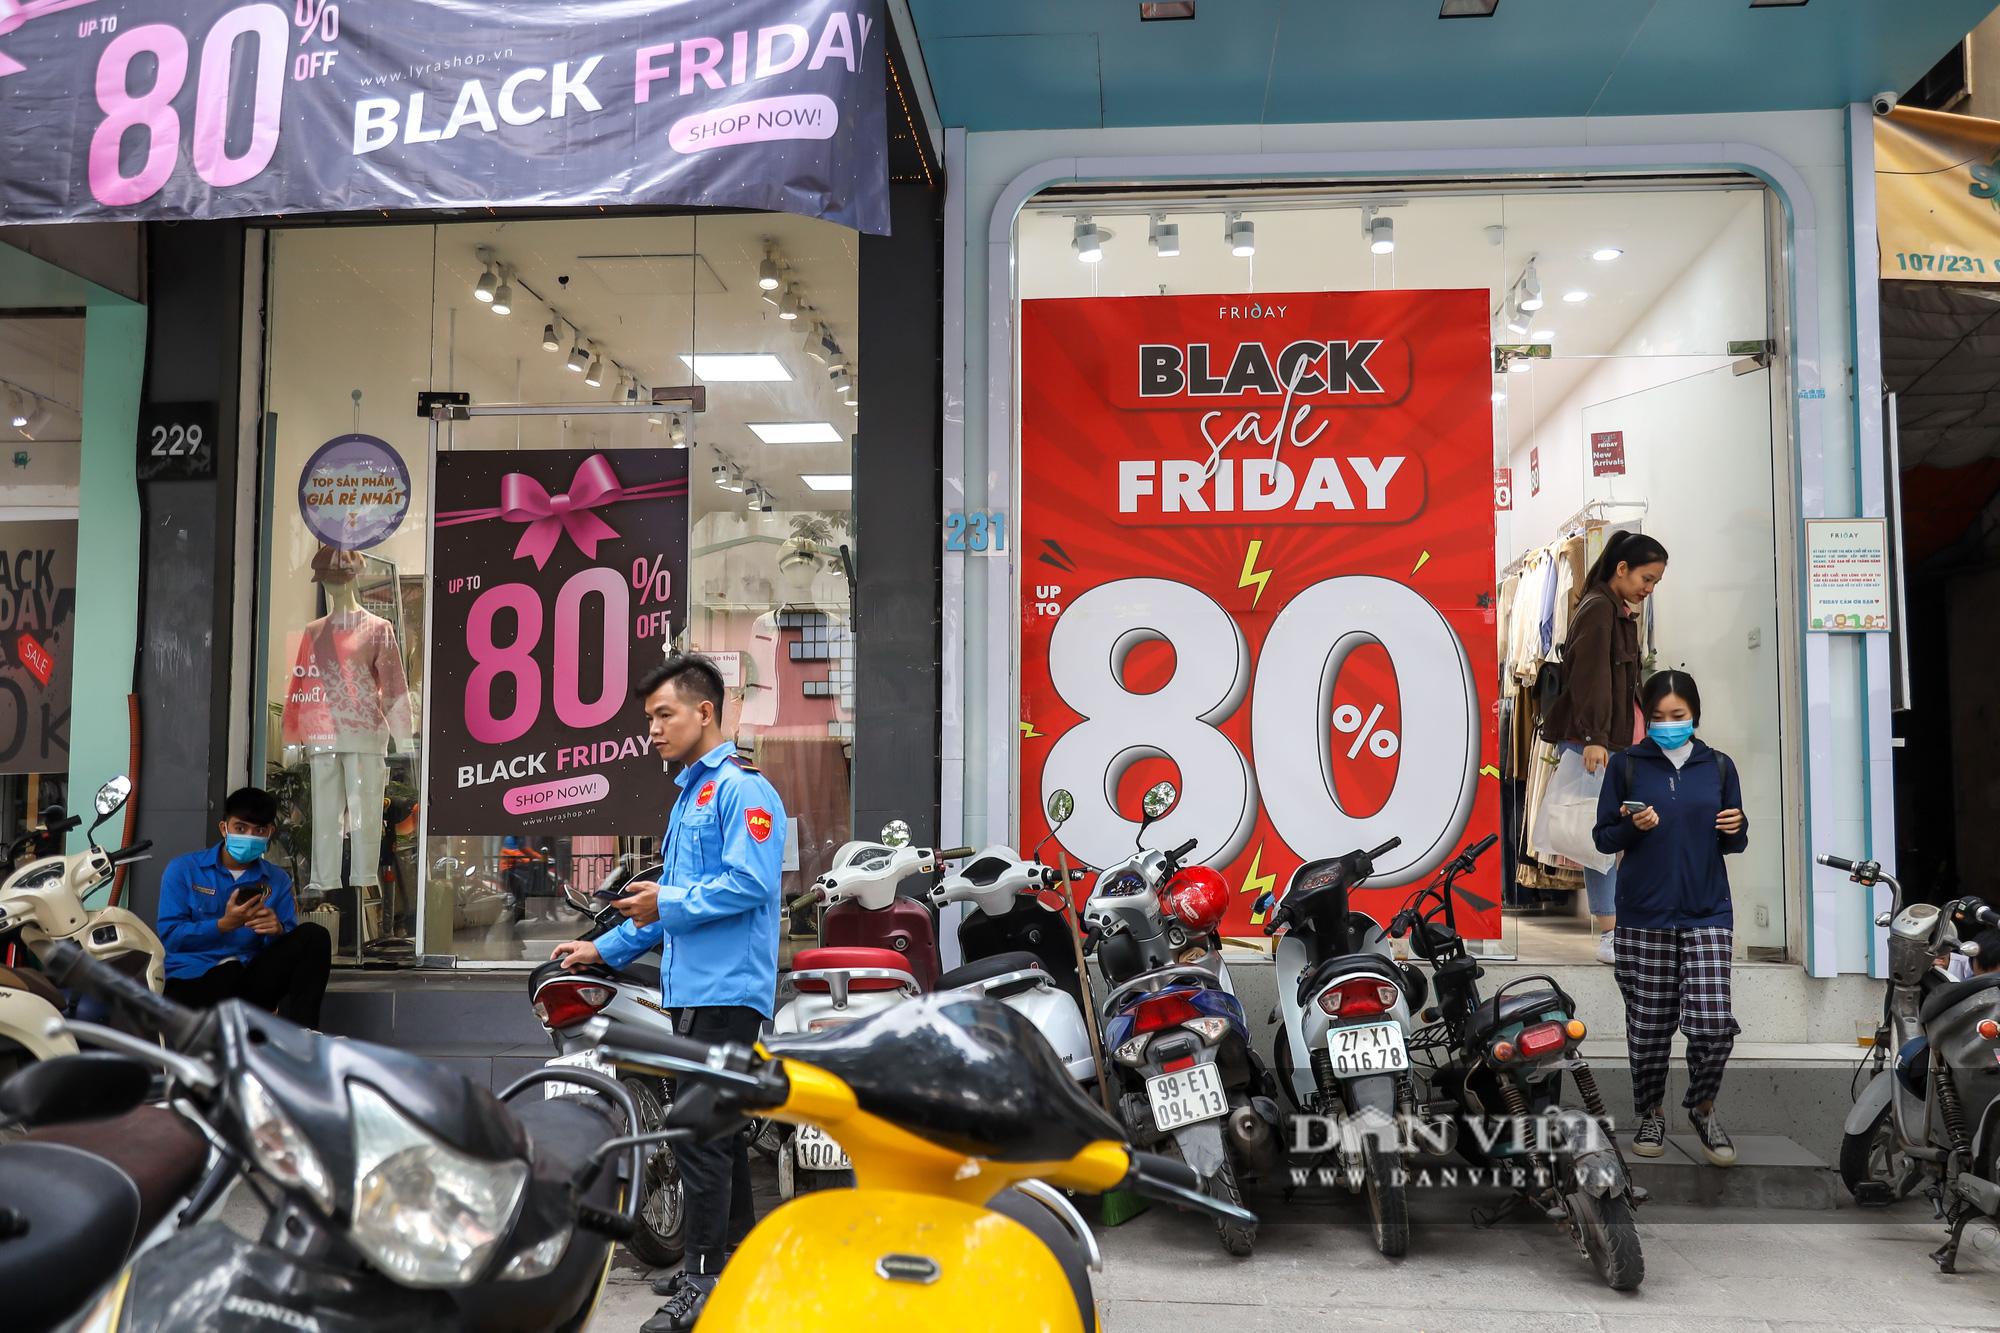 Phố thời trang Hà Nội rợp biển giảm giá 80% dù chưa đến Black Friday - Ảnh 6.